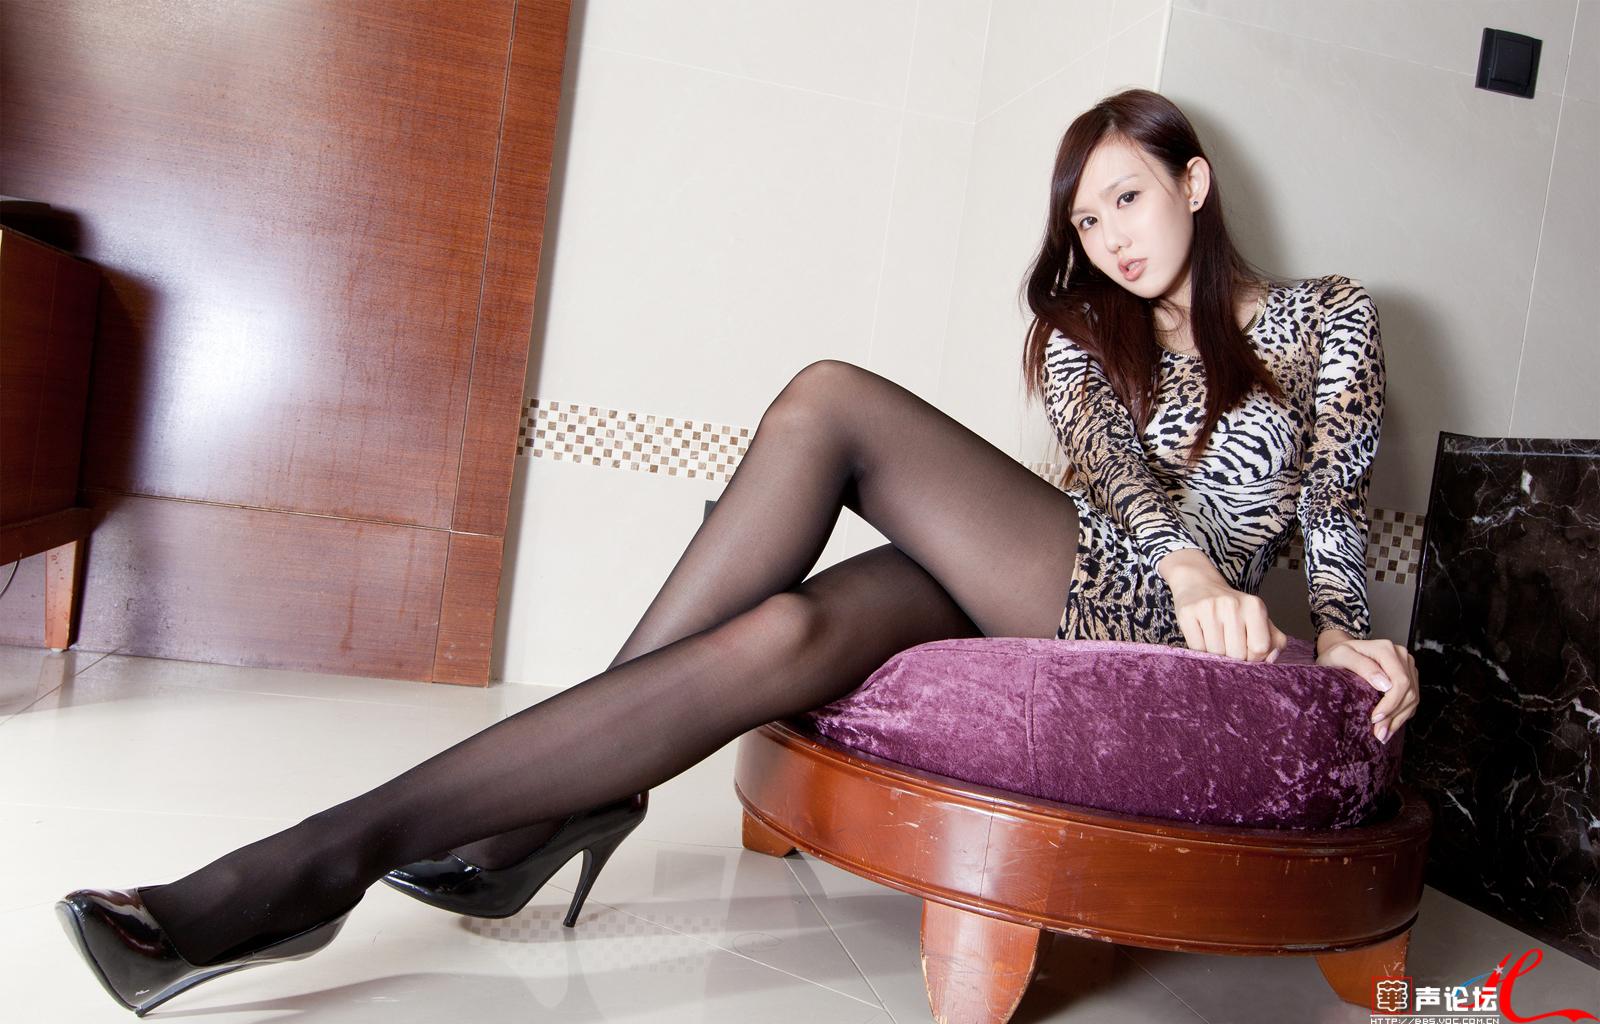 偷拍自拍人妻欧美亚洲_小明看看 偷拍自拍在线中文字幕 h书网人妻情色94gncom 一家.